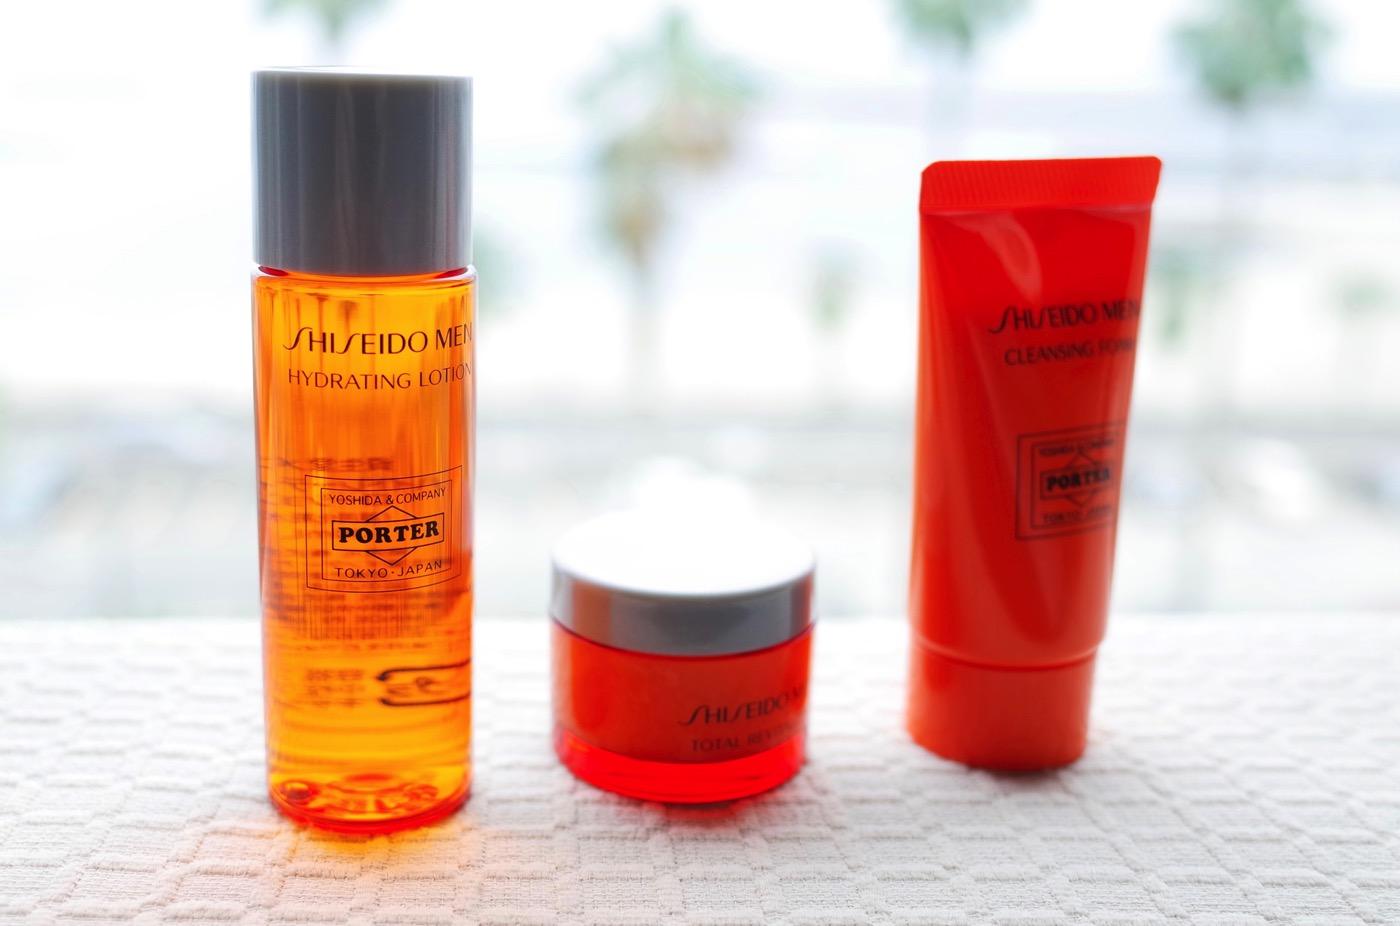 Porter shiseido men total grooming box application 00017